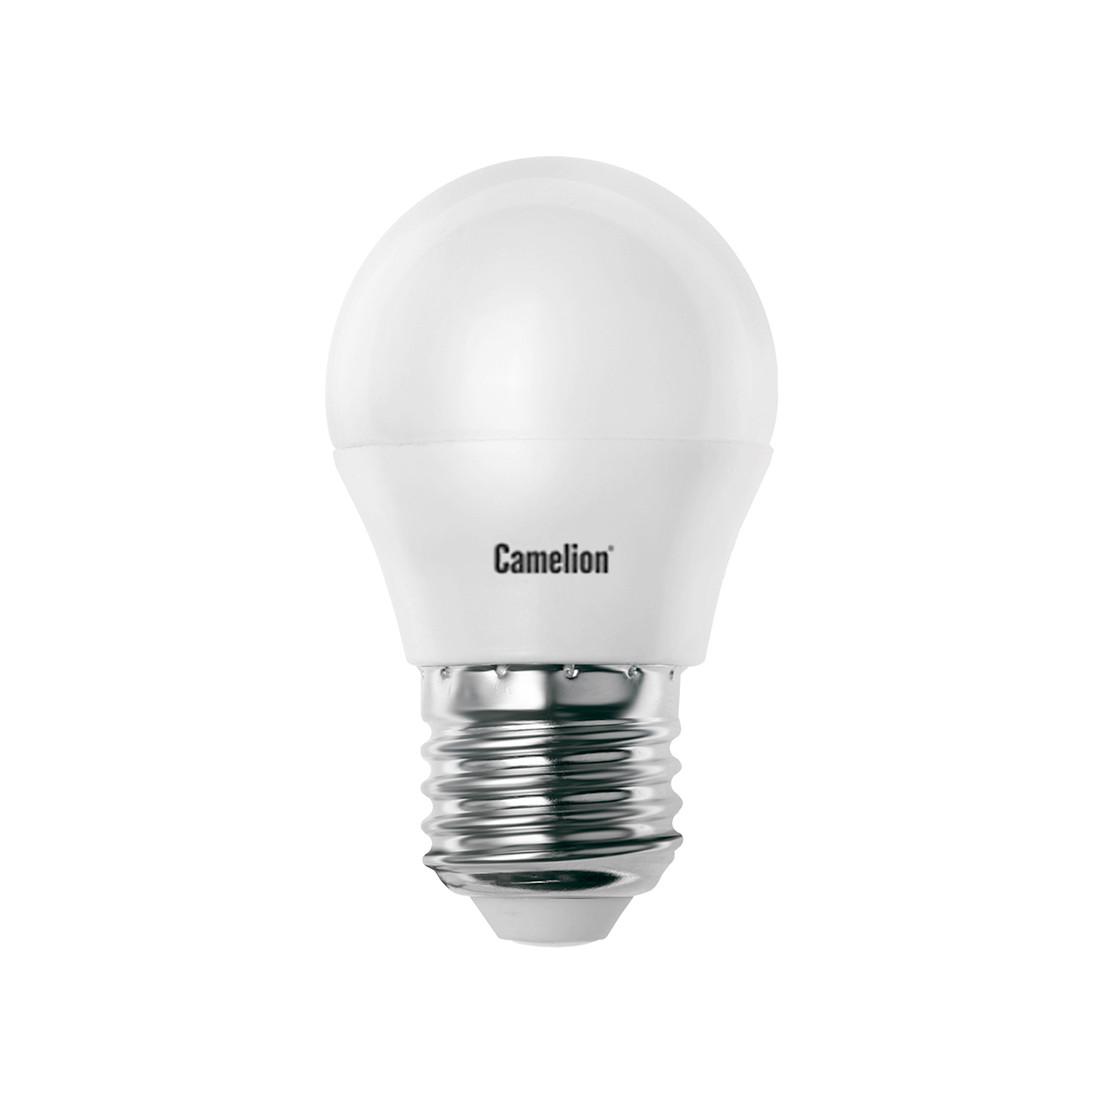 Лампа светодиодная Camelion G45/6500К/E27/7Вт, Дневной